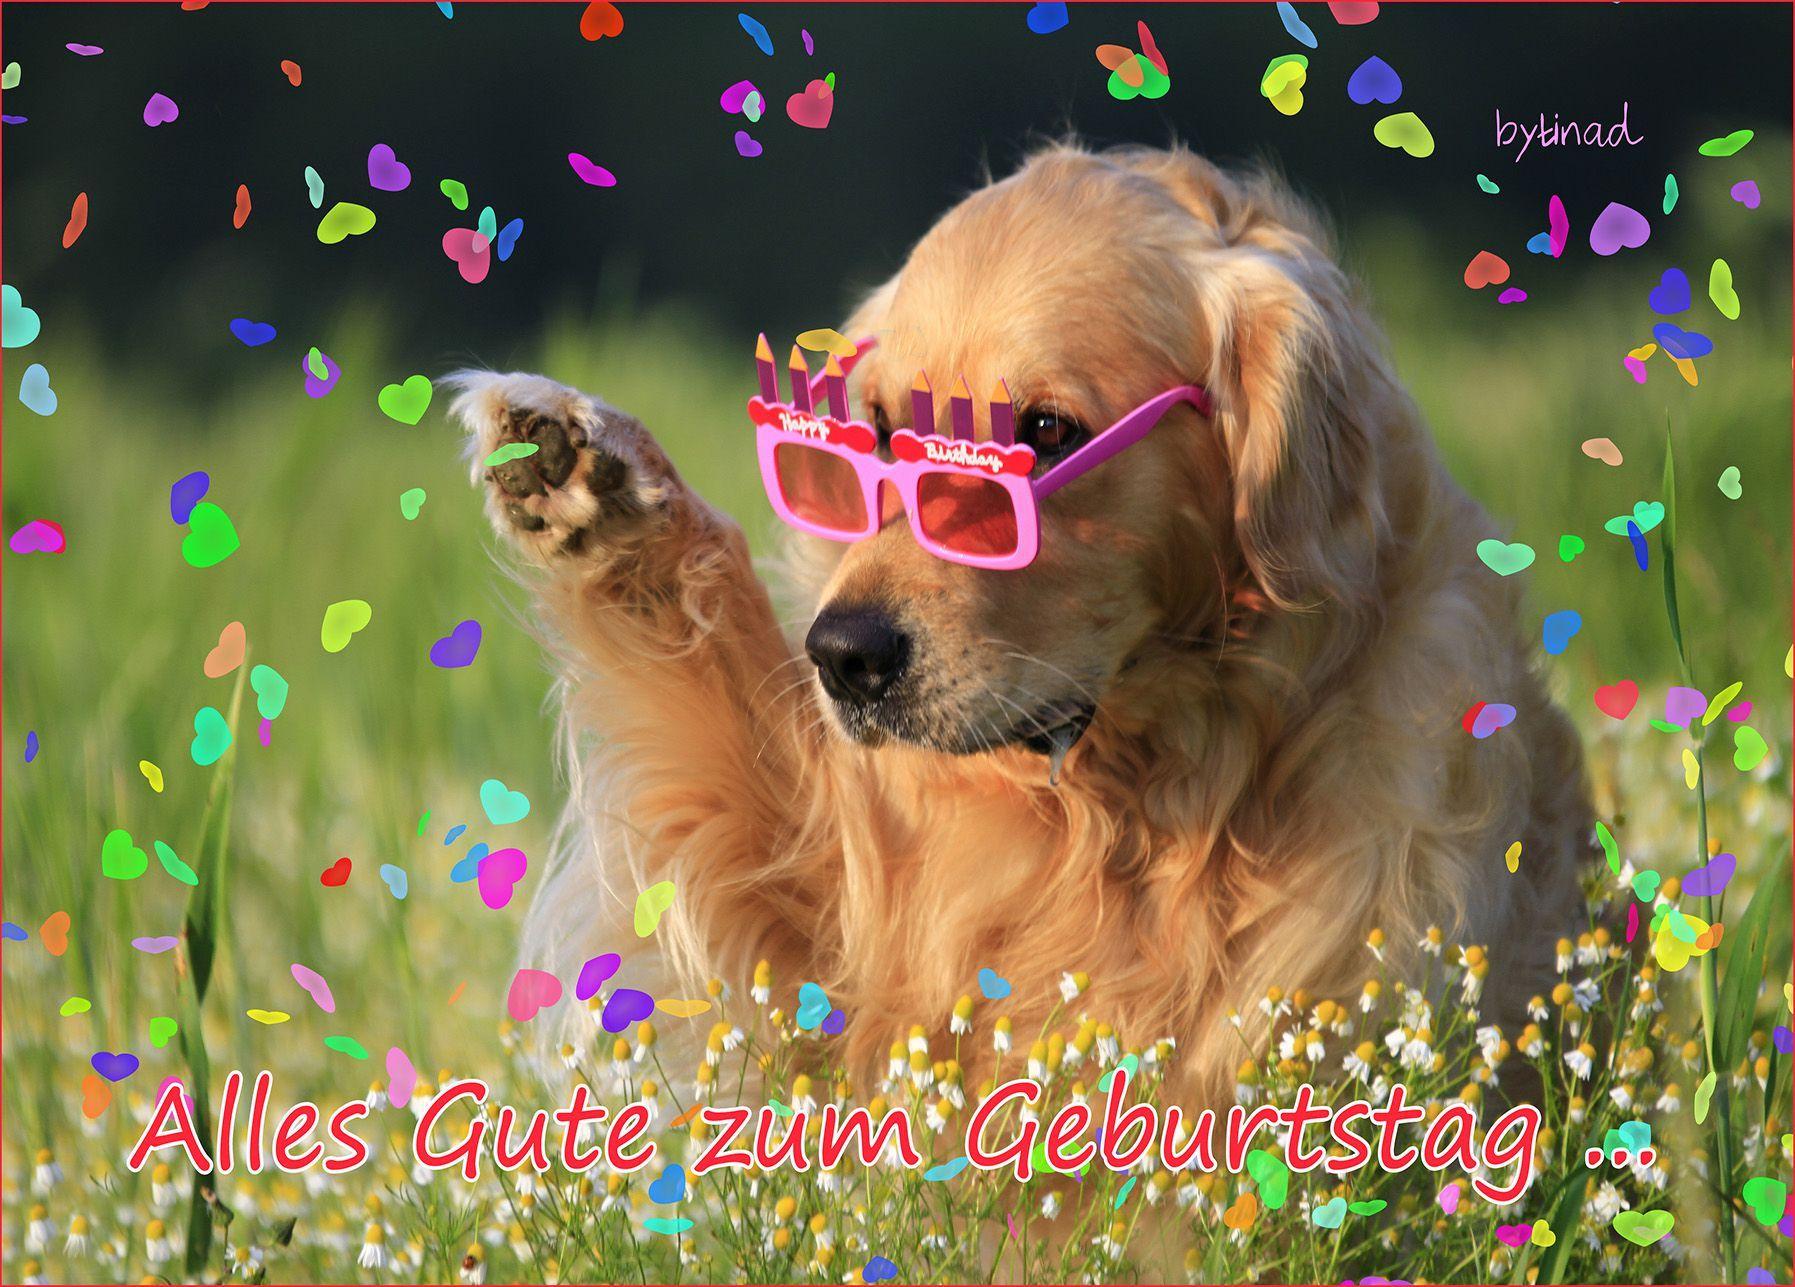 Tags Geburtstagswunsche Alles Gute Geburtstag Und Alles Gute